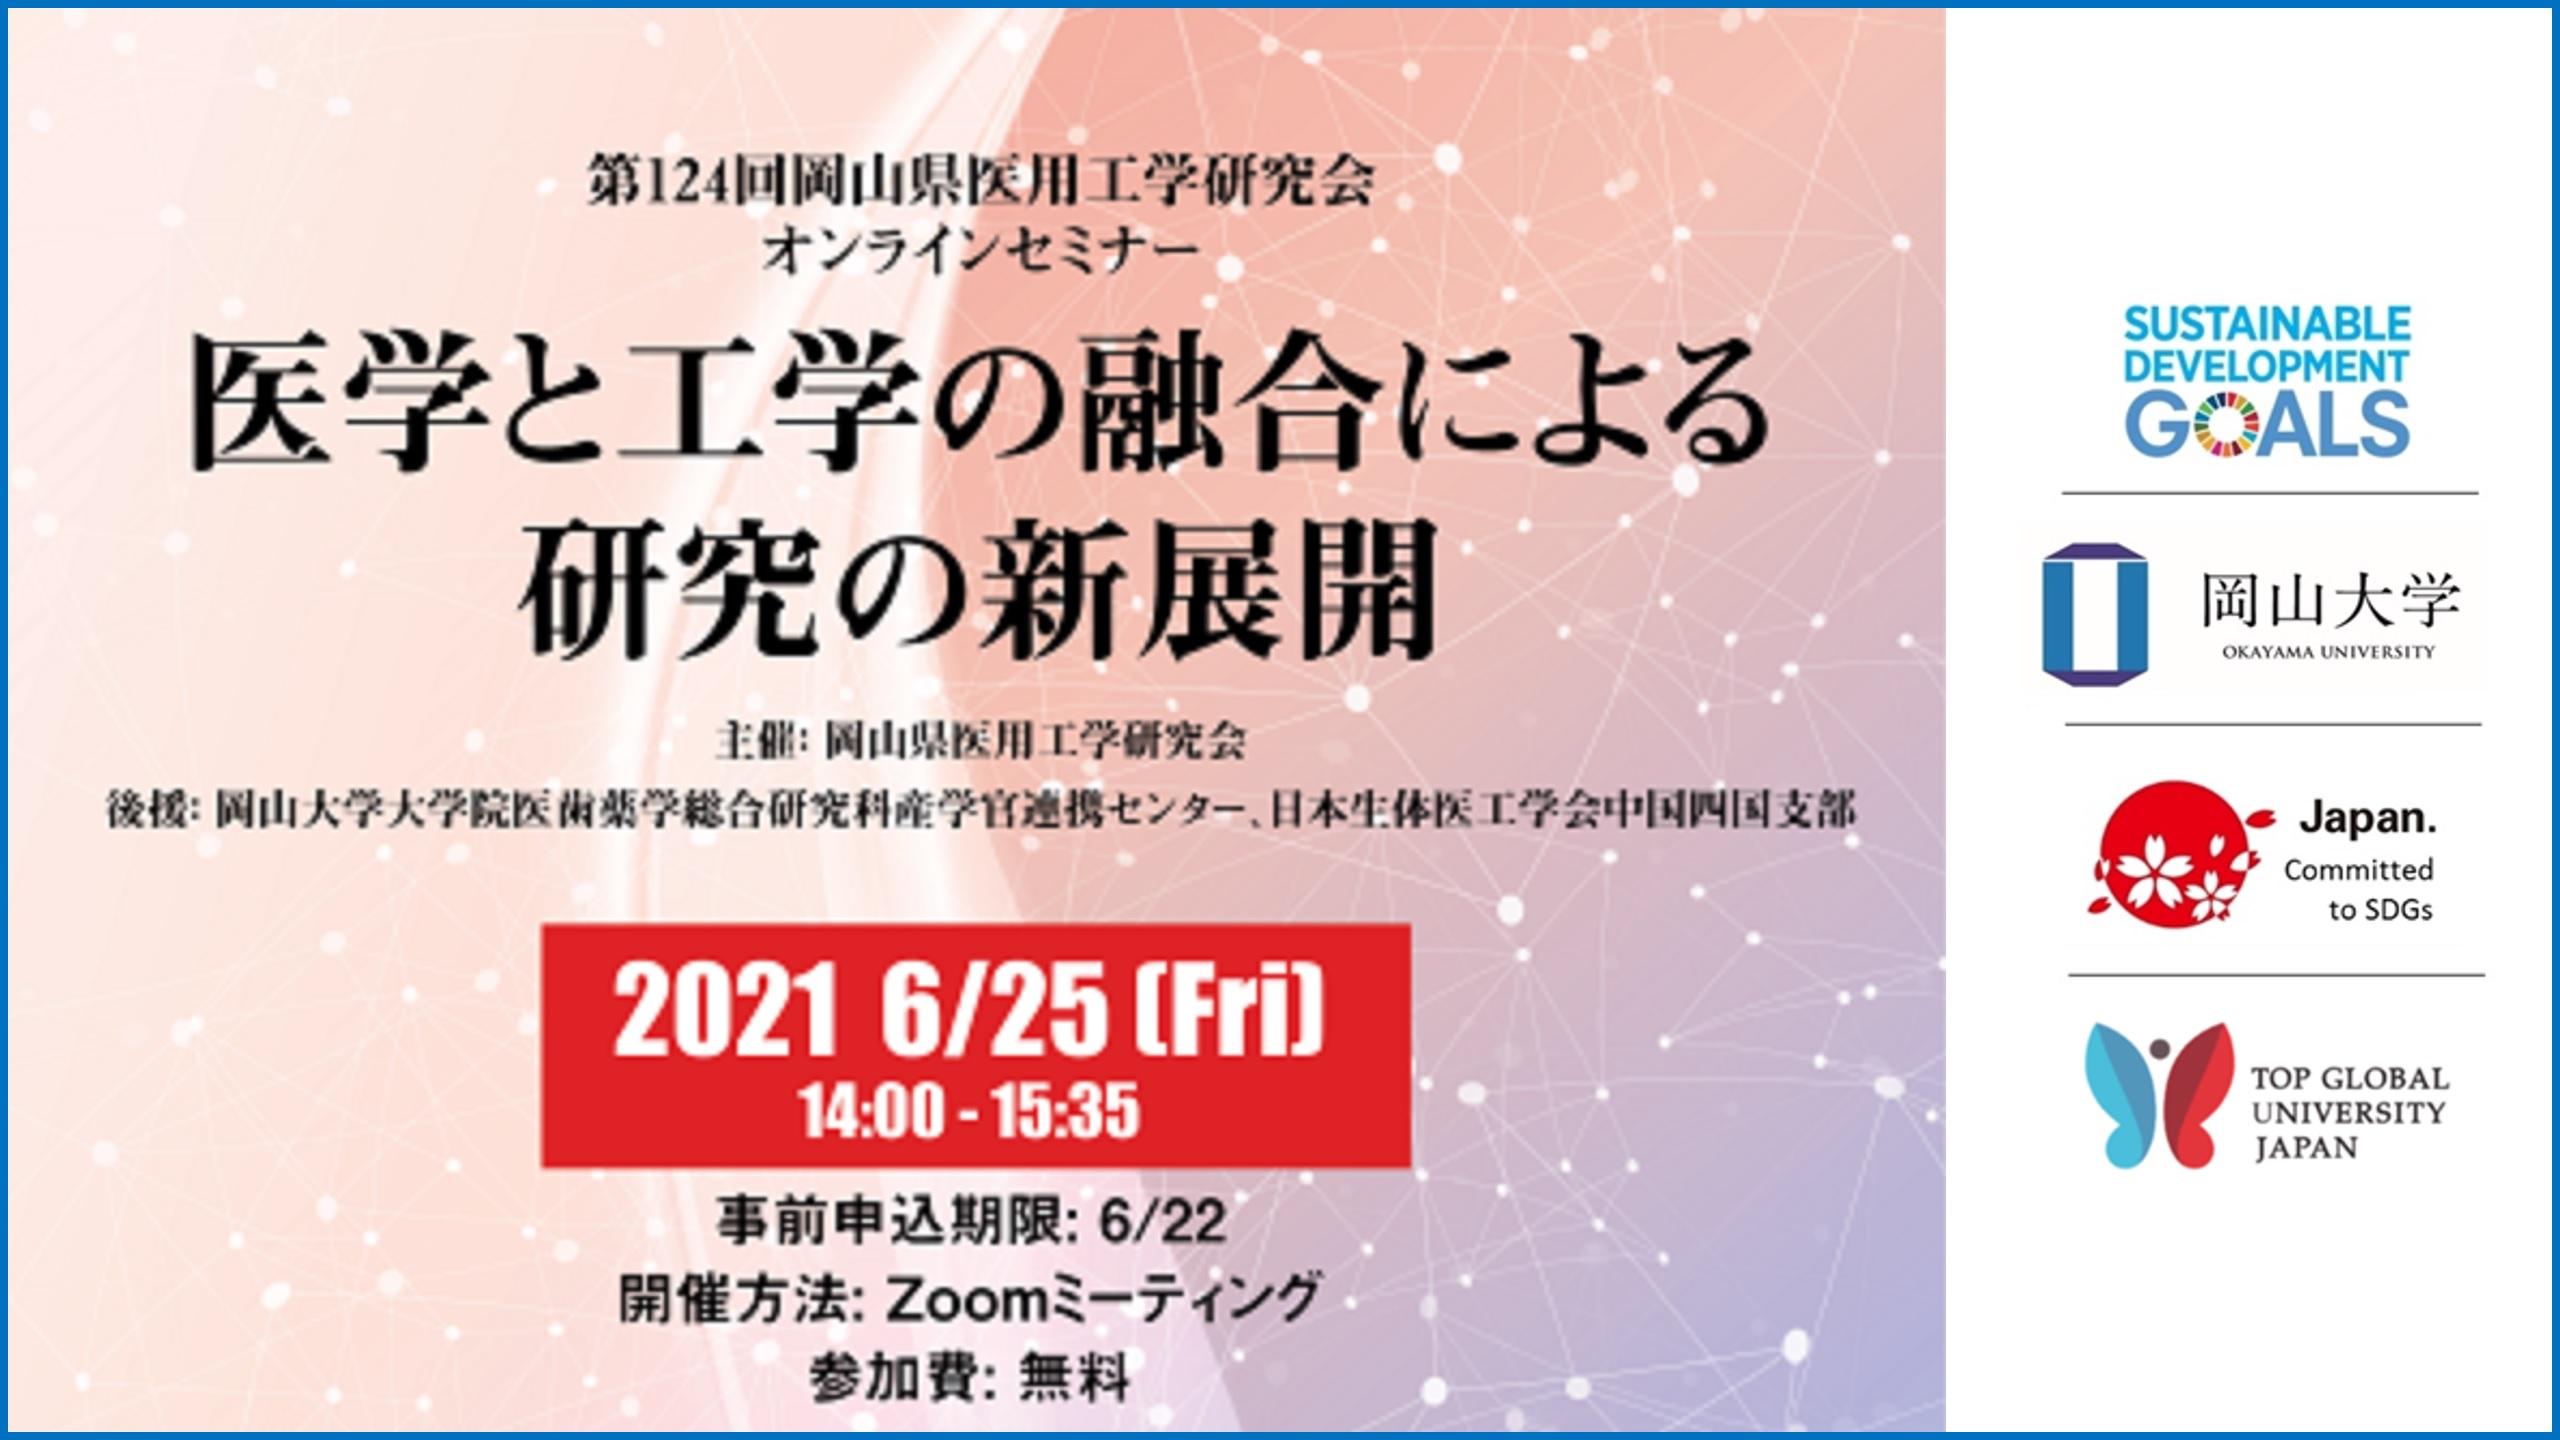 【岡山大学】オンラインセミナー「医学と工学の融合による研究の新展開」を開催します〔6月25日(金)〕